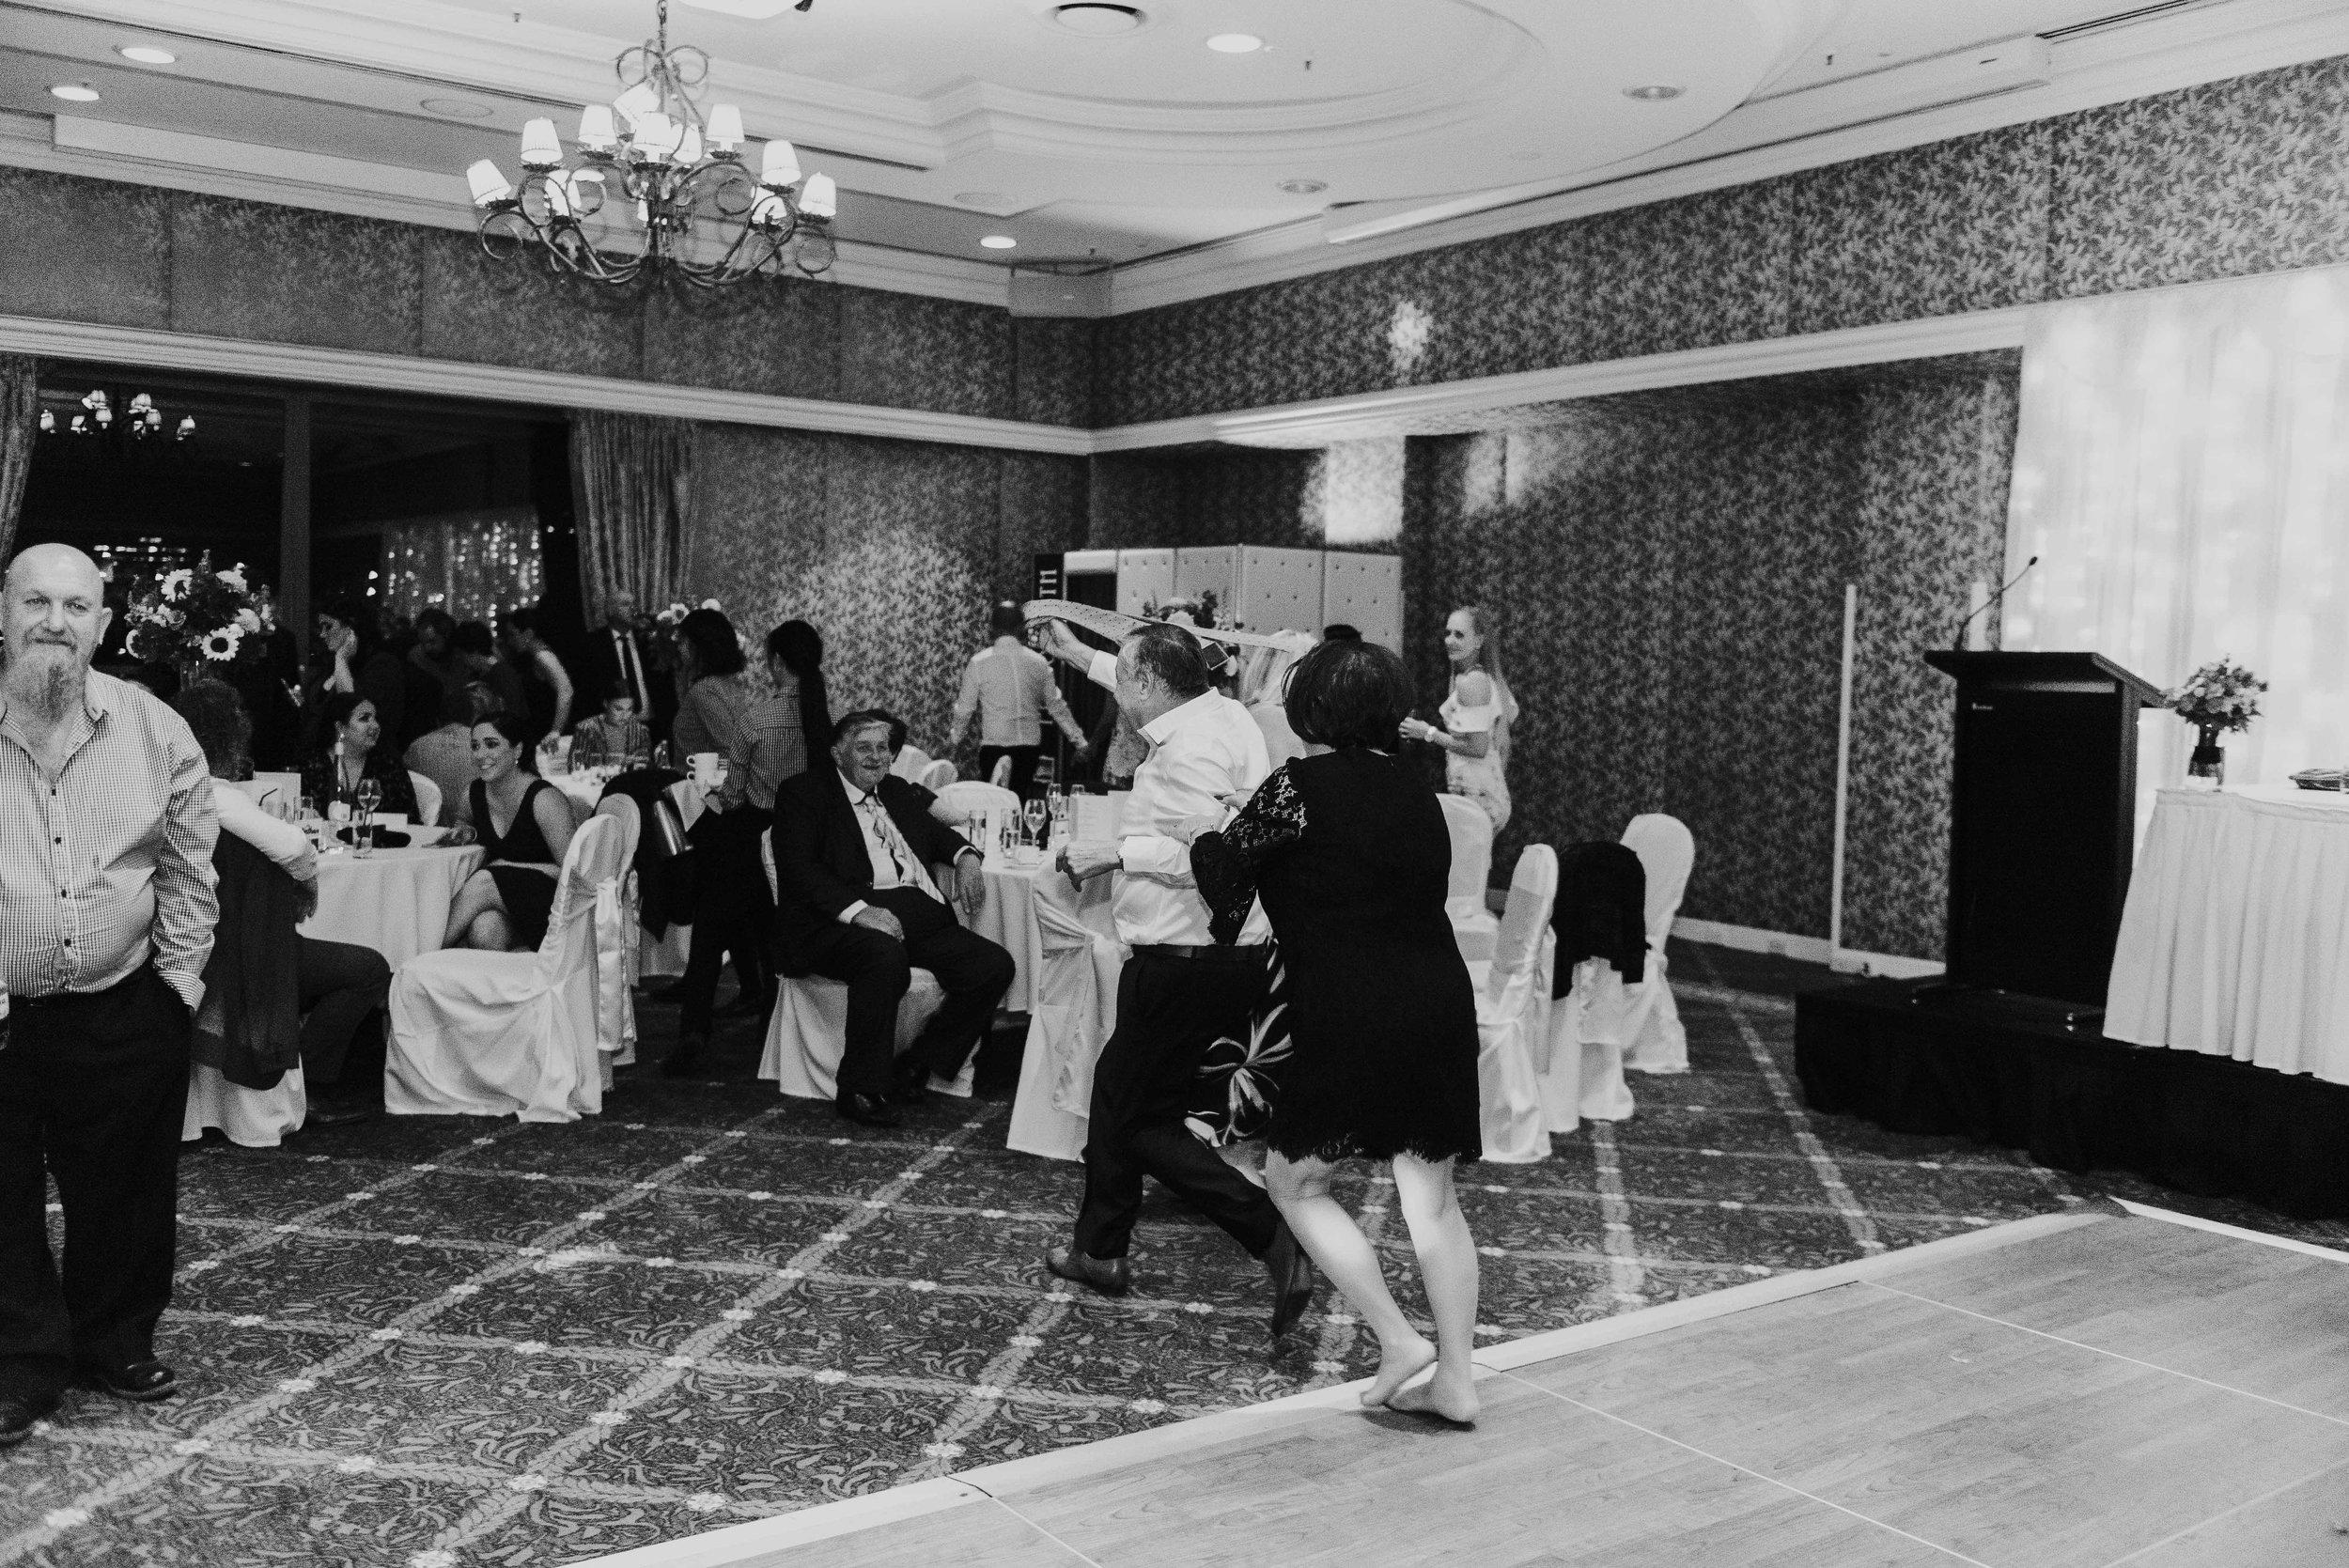 brisbane-stamford-plaza-wedding-136.jpg